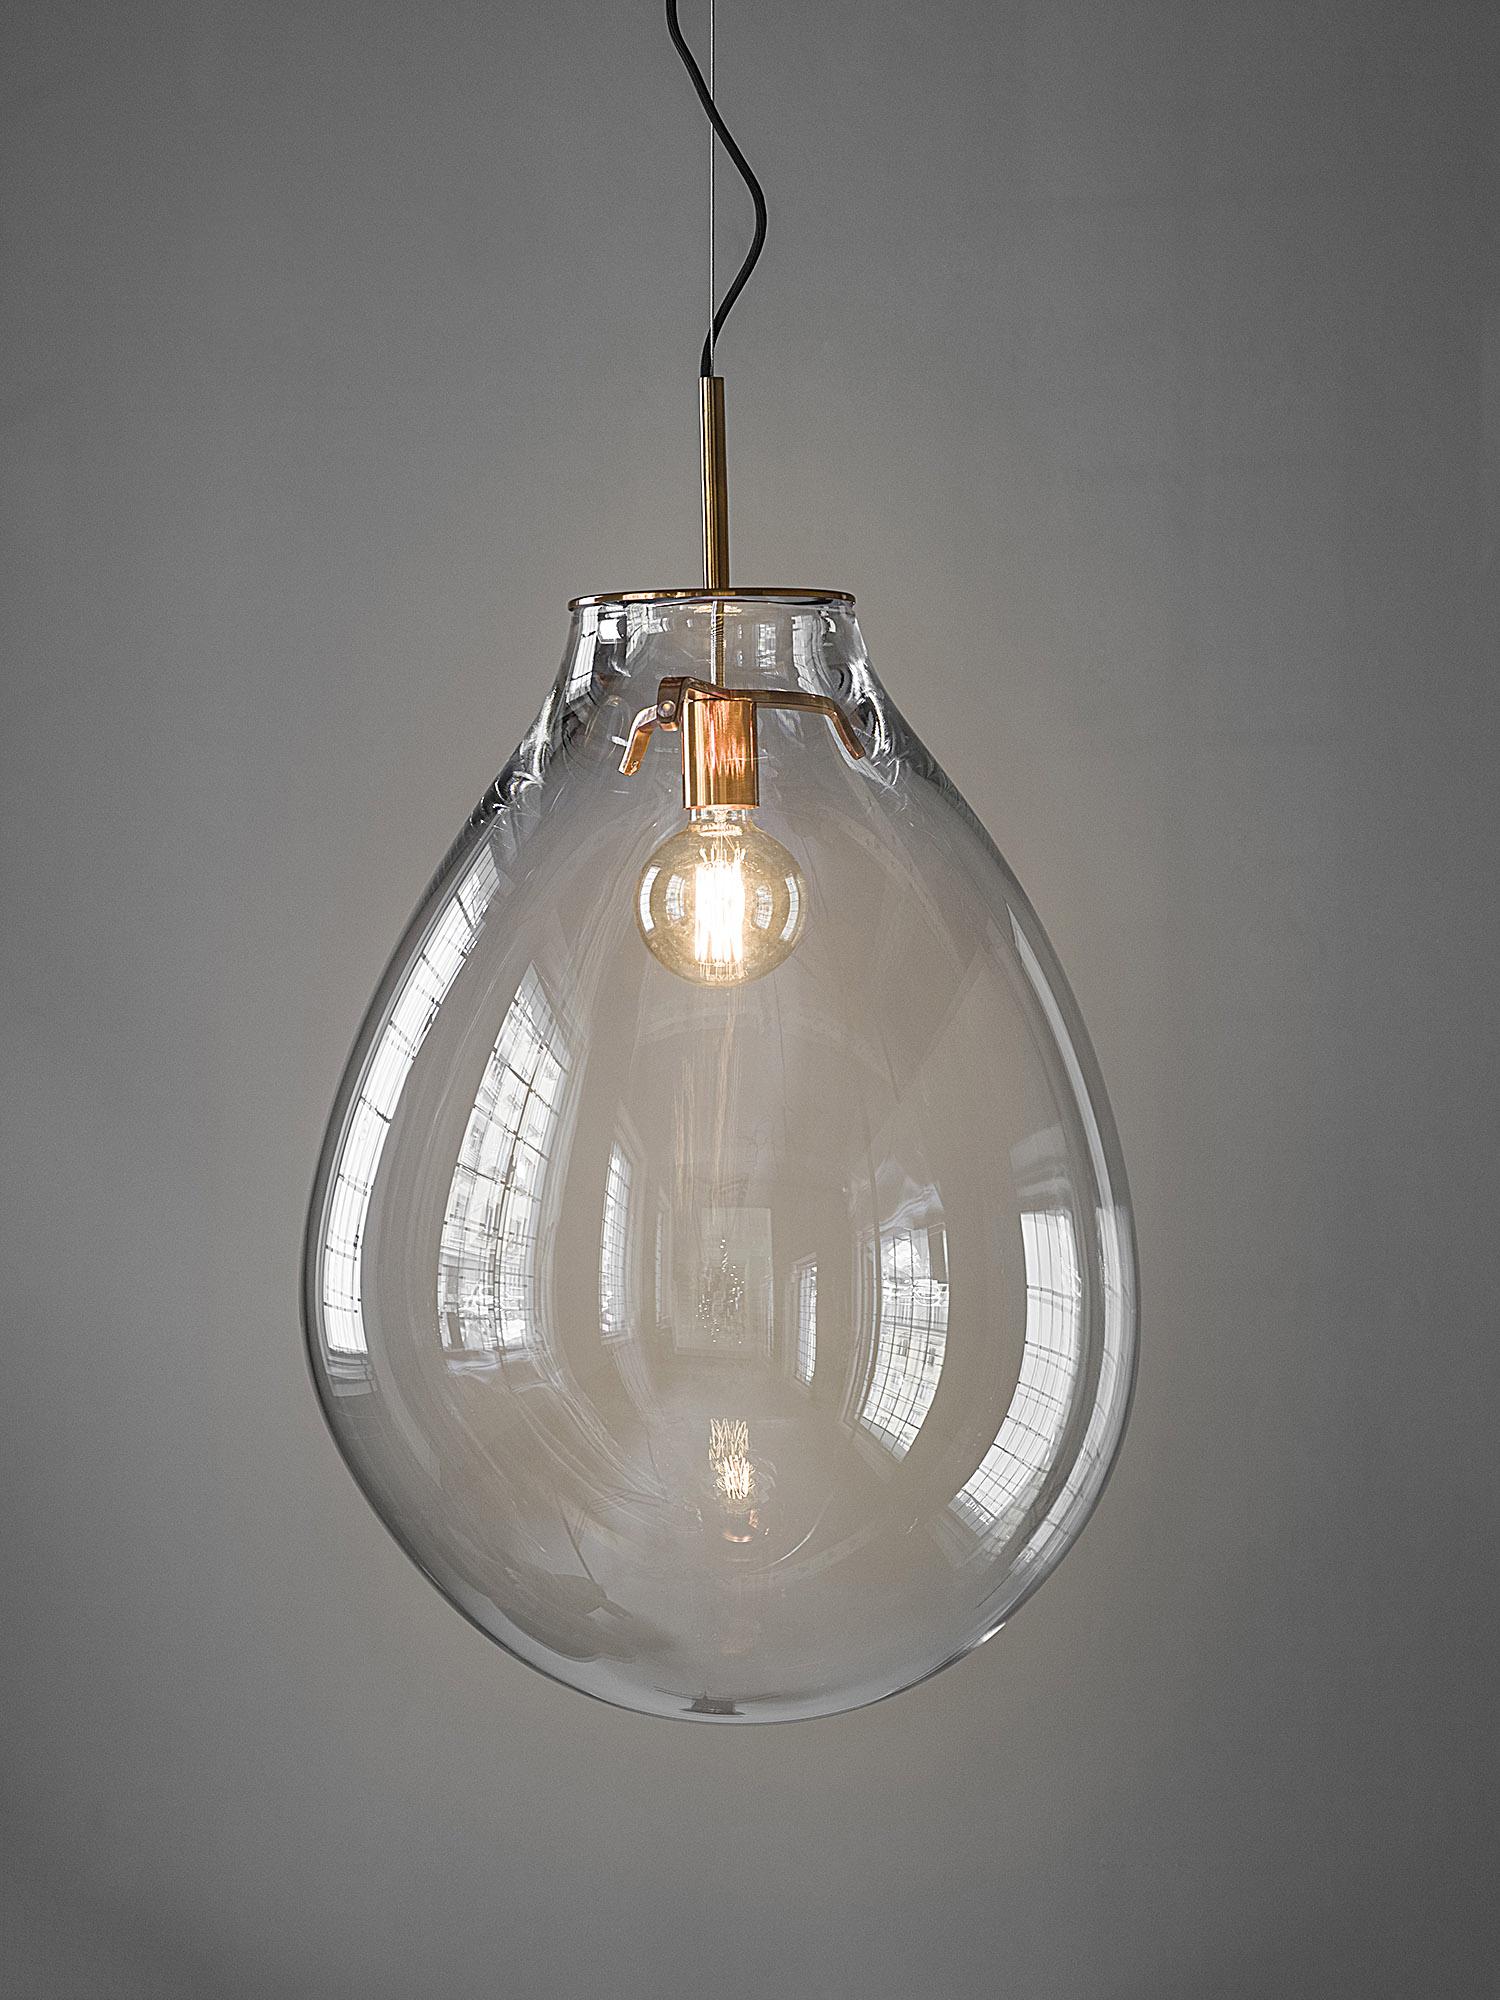 Необычные подвесные светильники из стекла